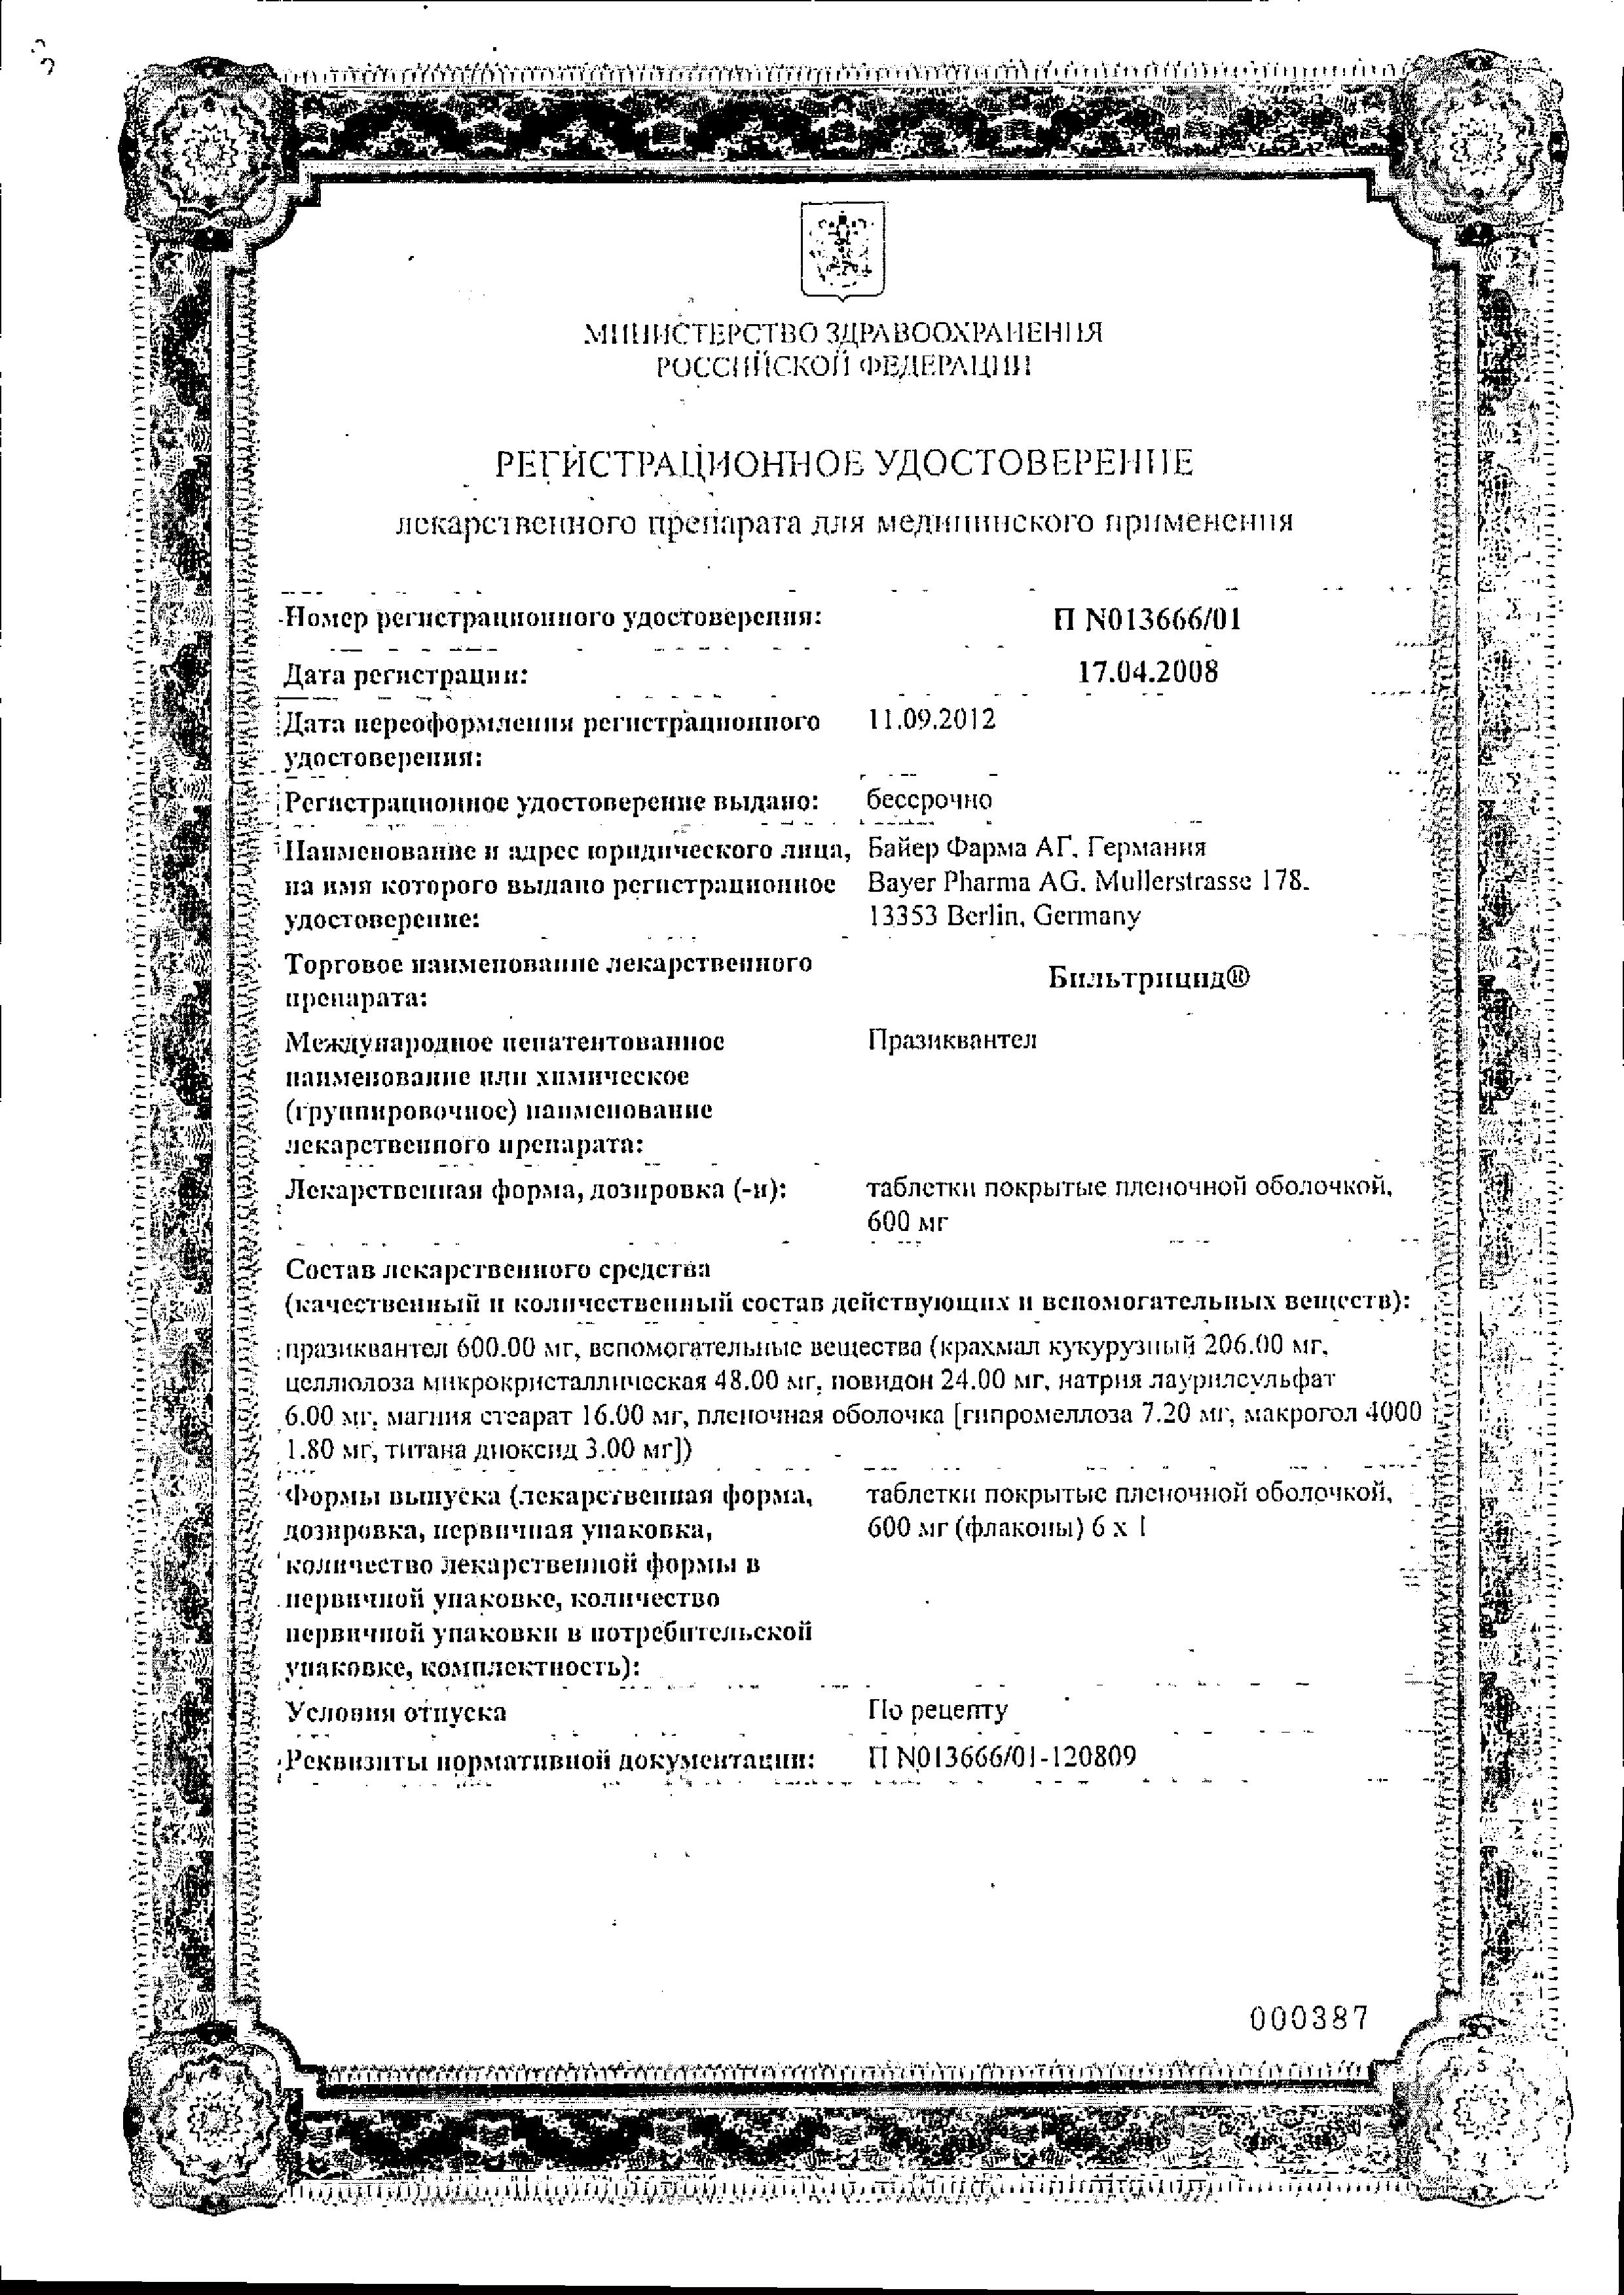 Бильтрицид сертификат